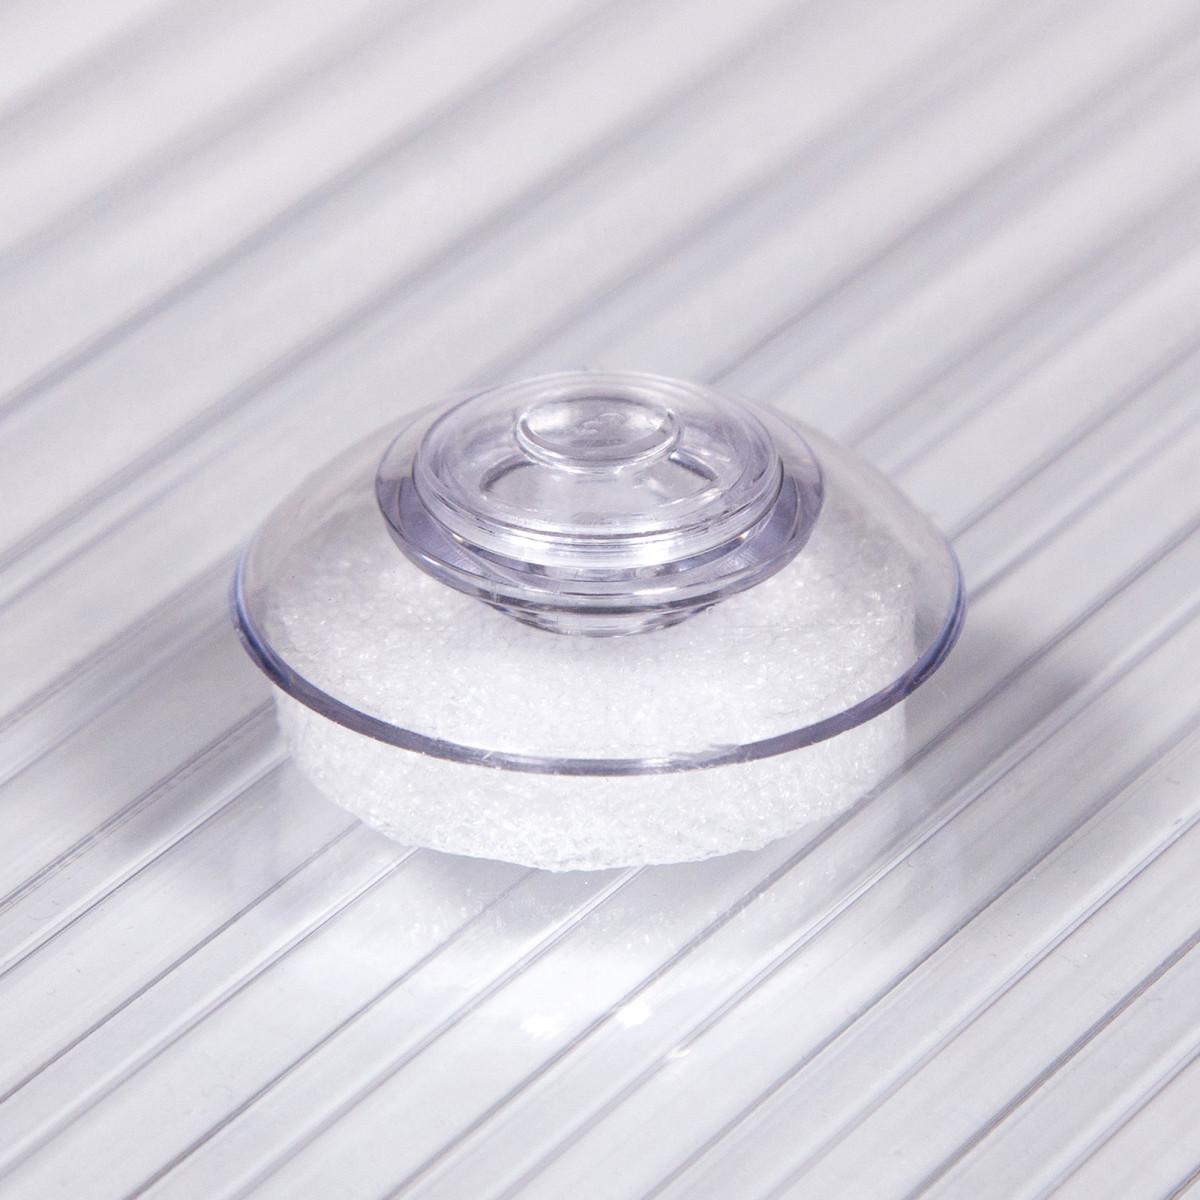 Термошайба универсальная цвет прозрачный 50 шт.